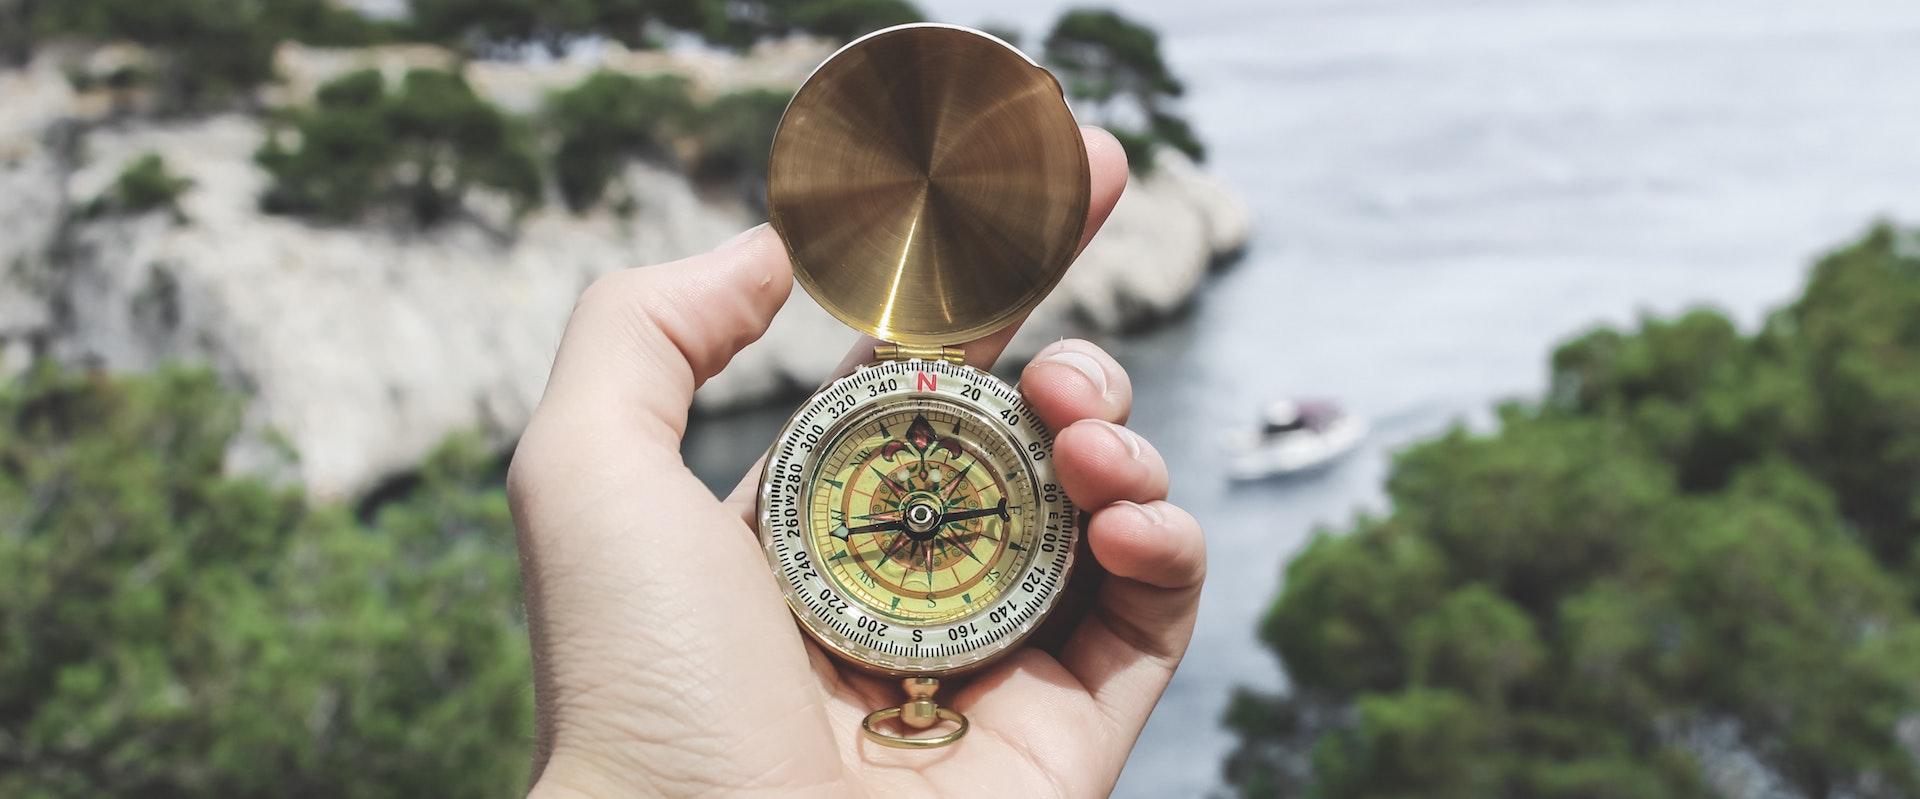 Ziele erreichen – Wie du es endlich schaffst!